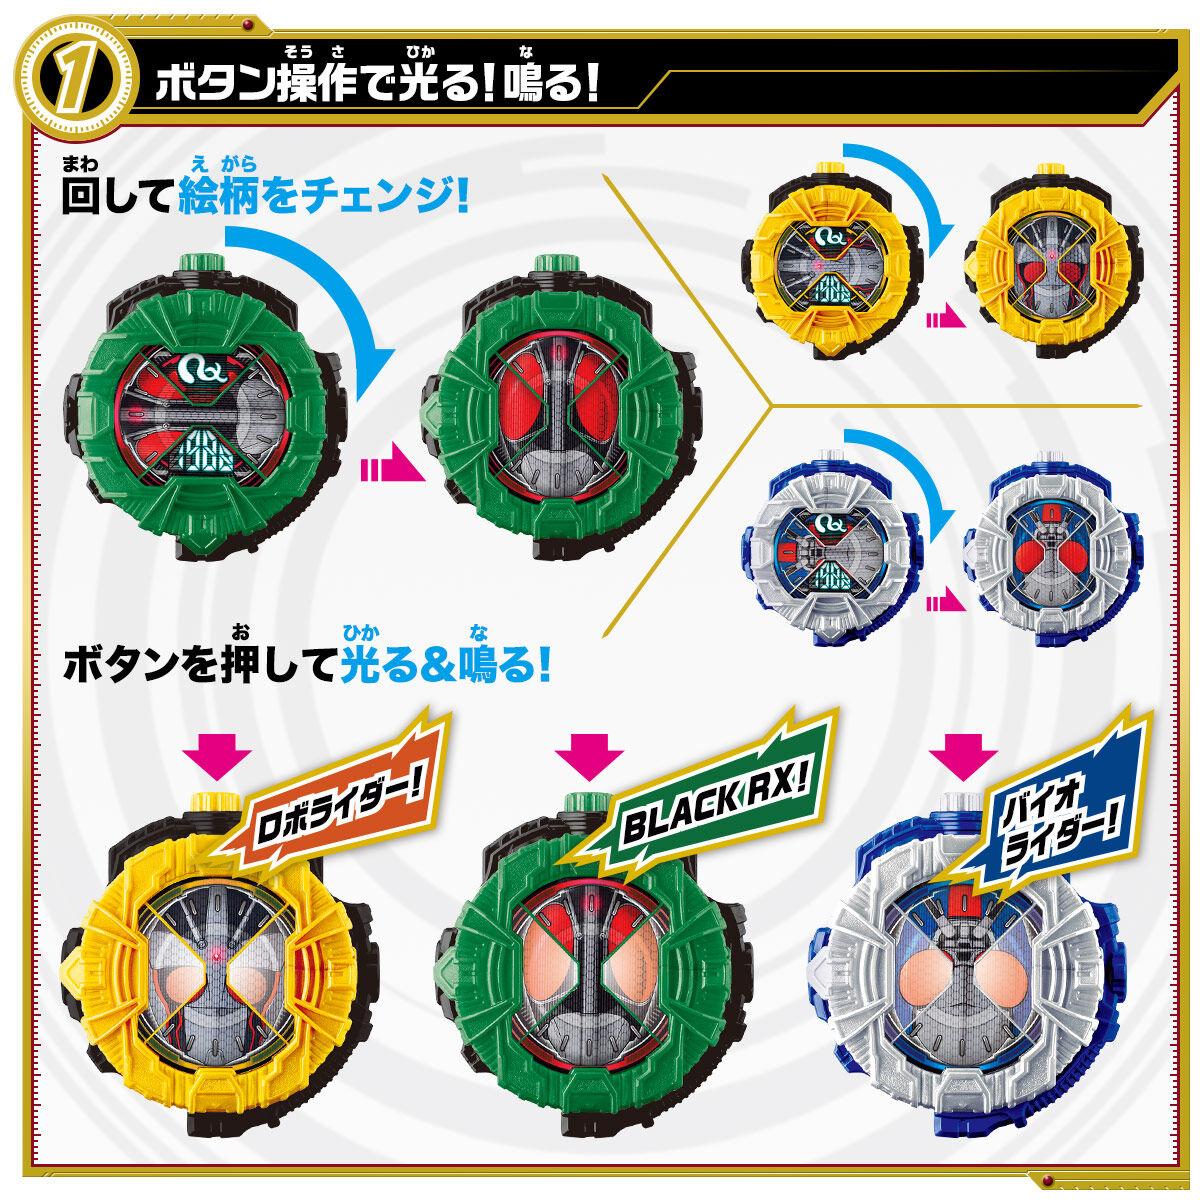 【限定販売】仮面ライダージオウ『DXライドウォッチ クォーツァーセット01』変身なりきり-003